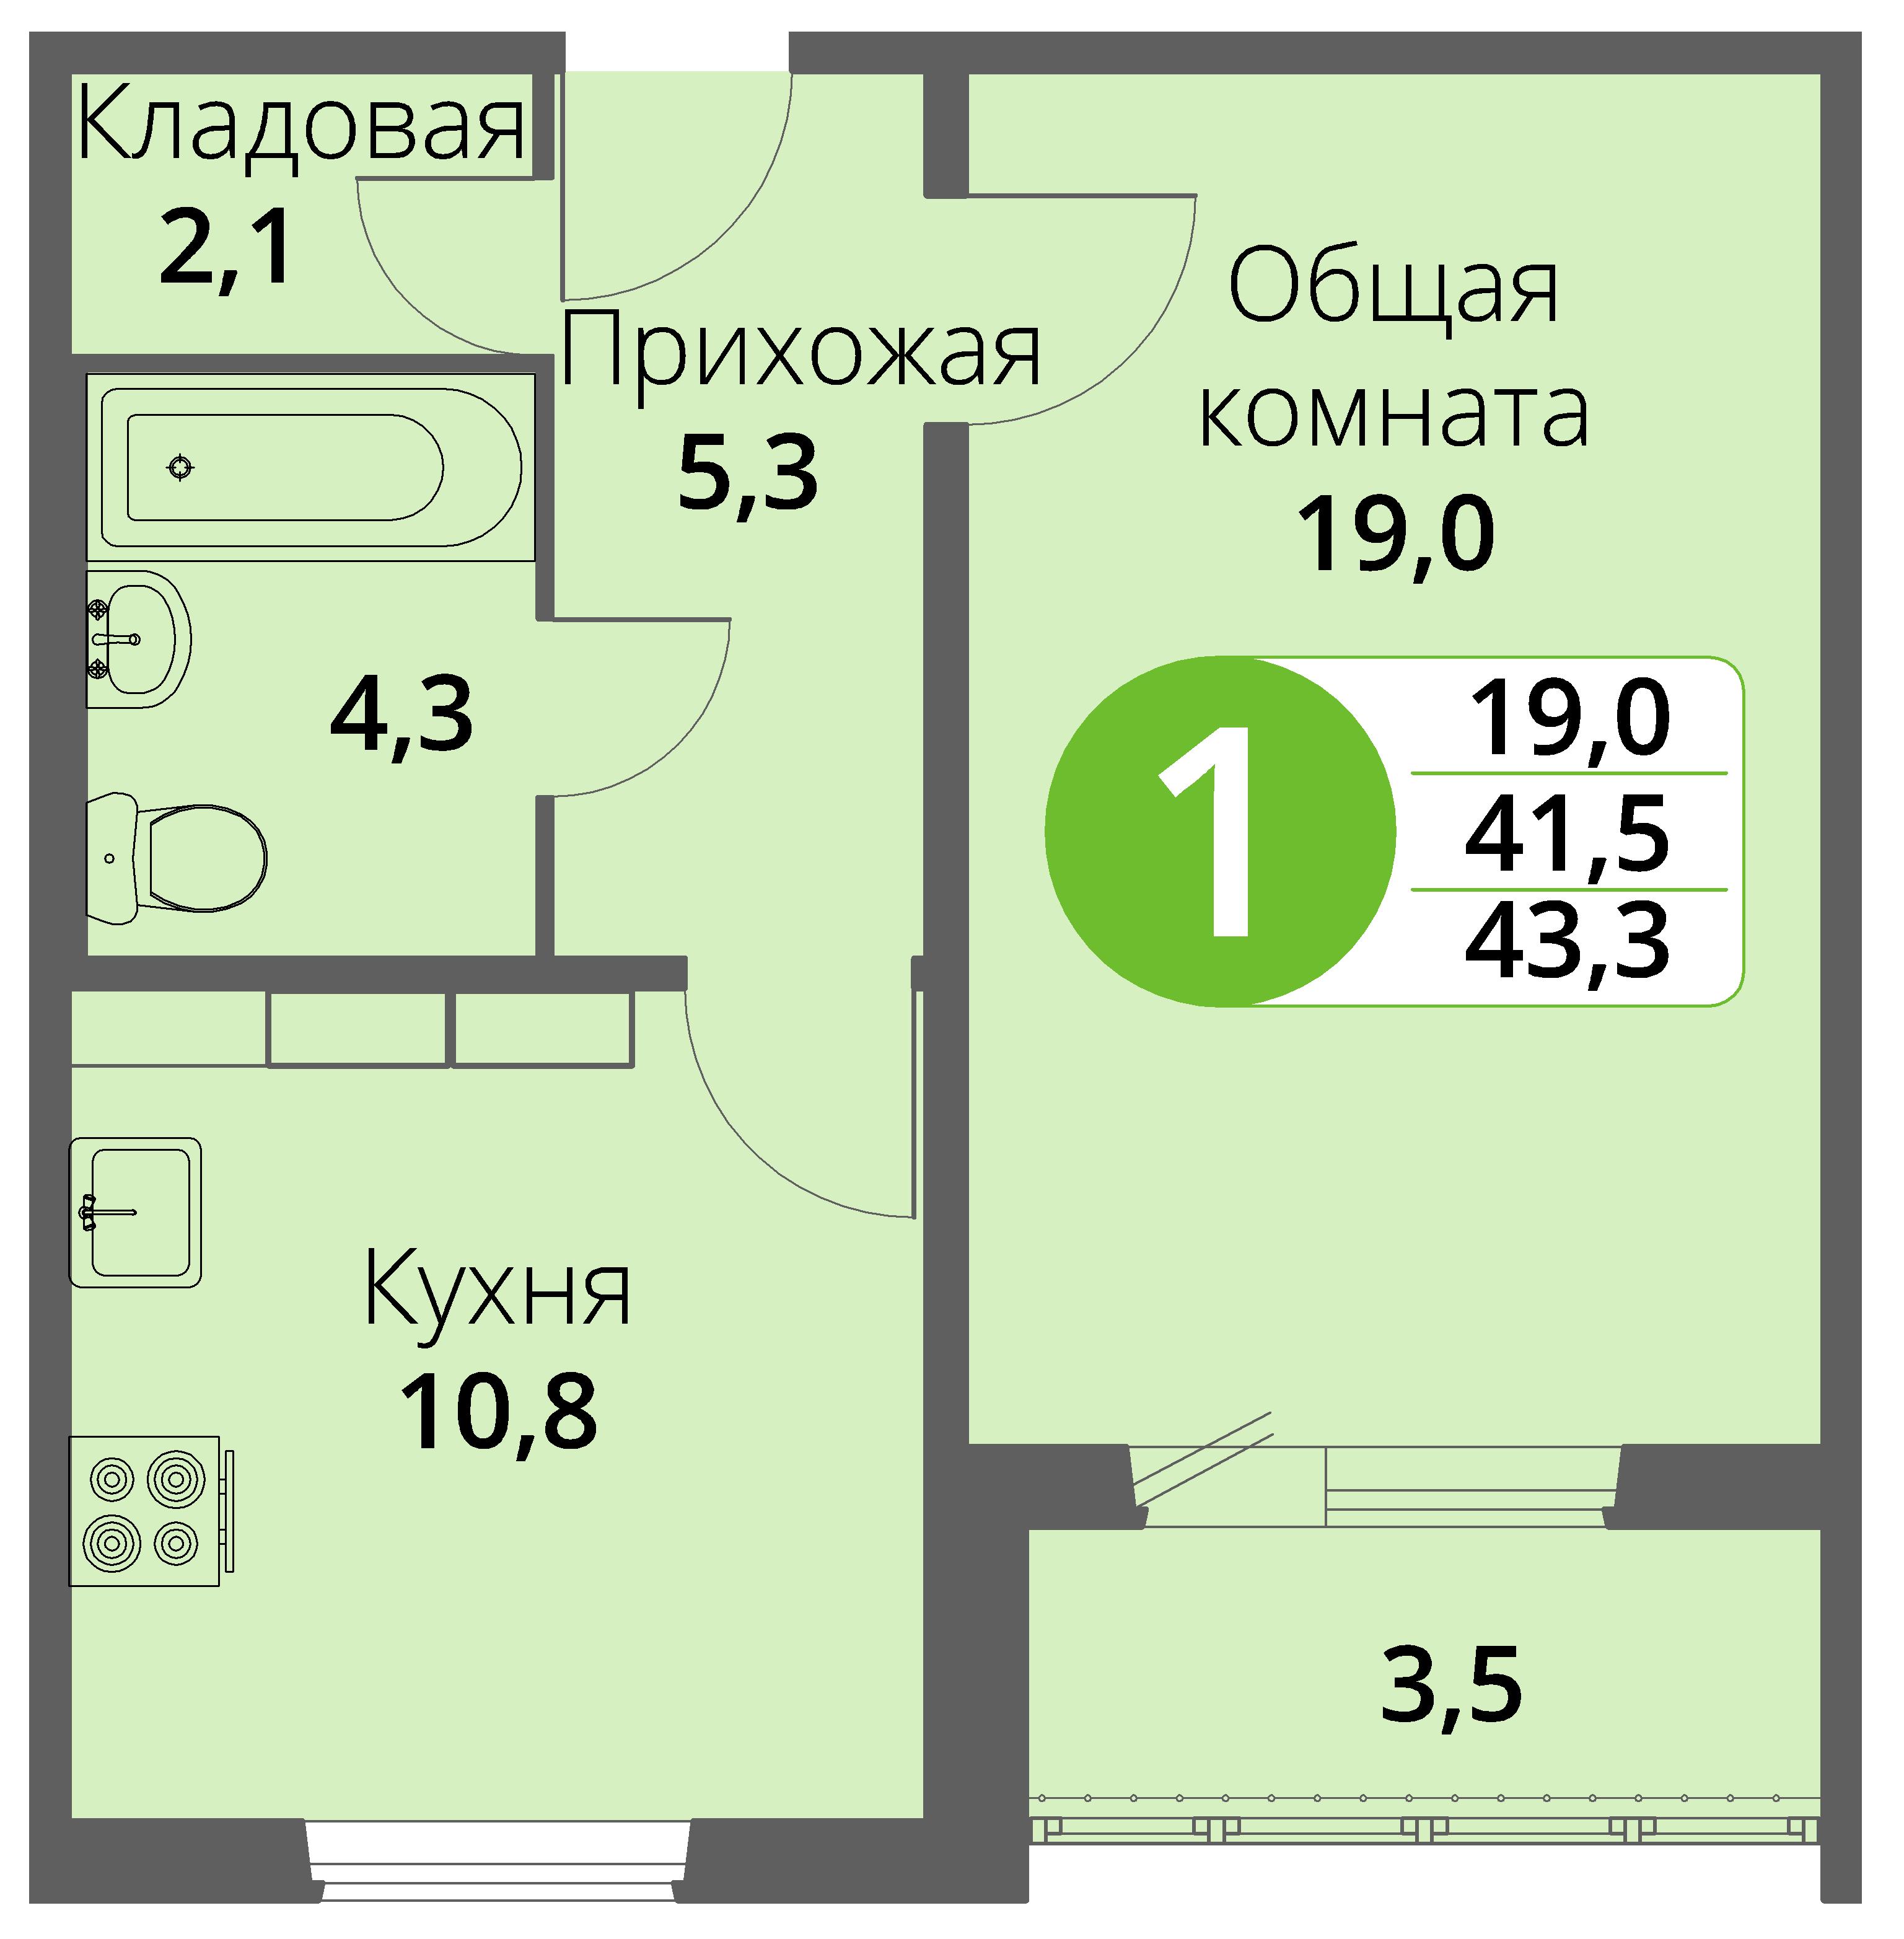 Зареченская 1-1, квартира 147 - Однокомнатная